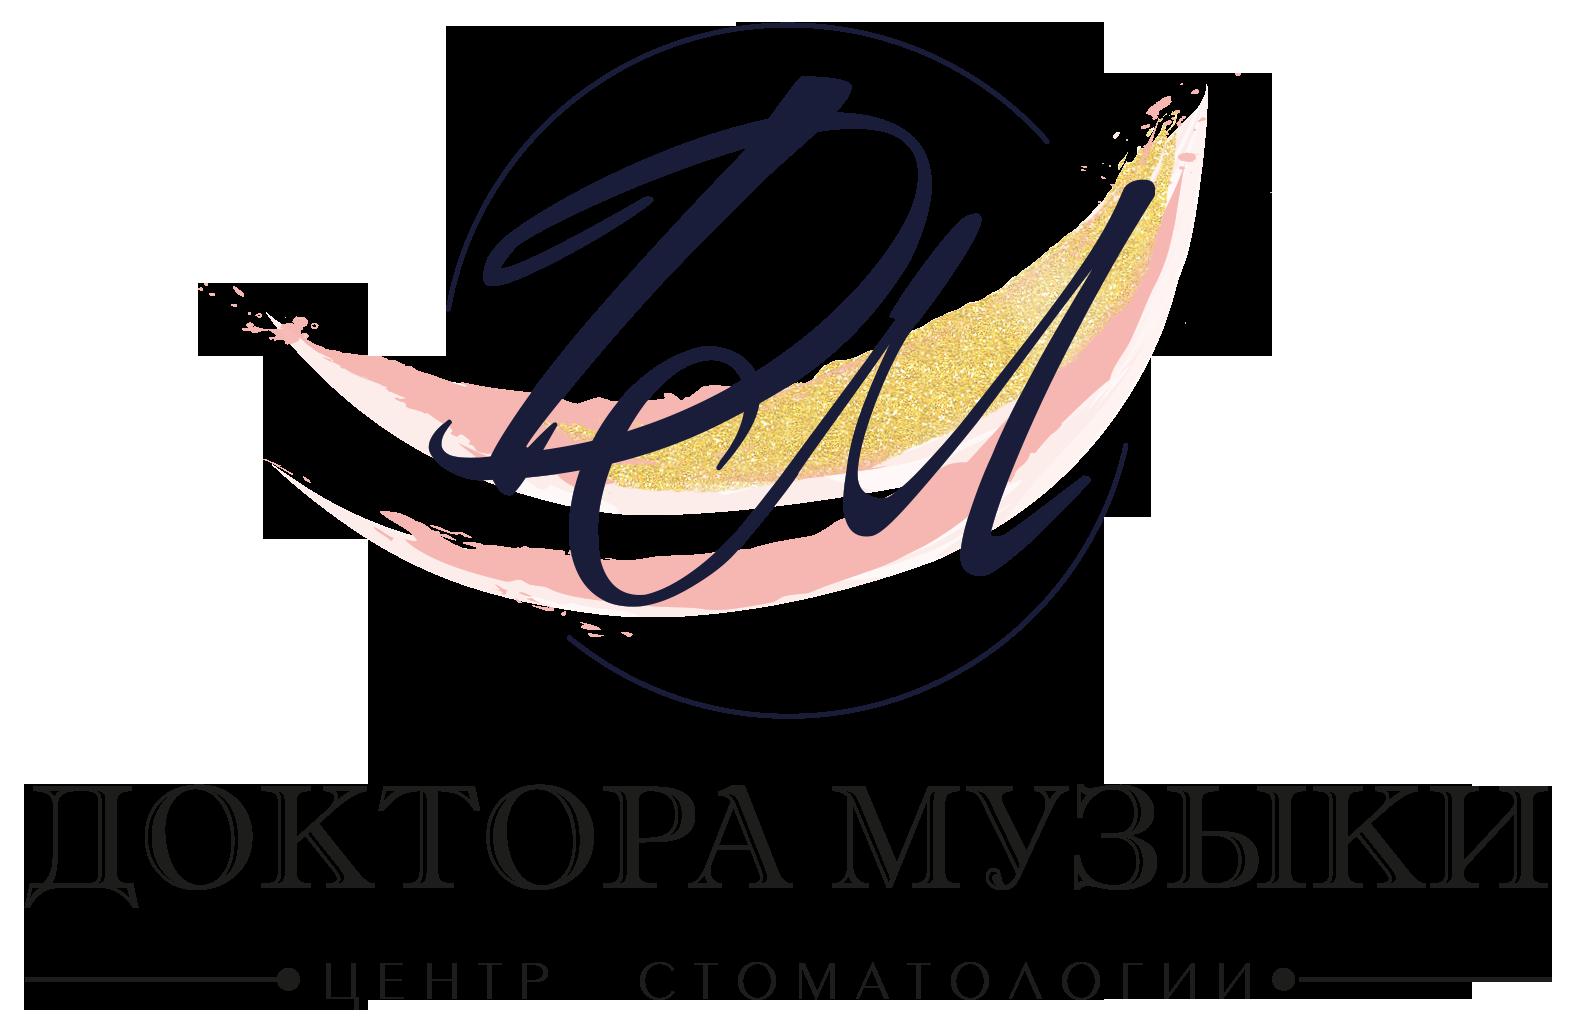 центр стоматологии ДОКТОРА МУЗЫКИ